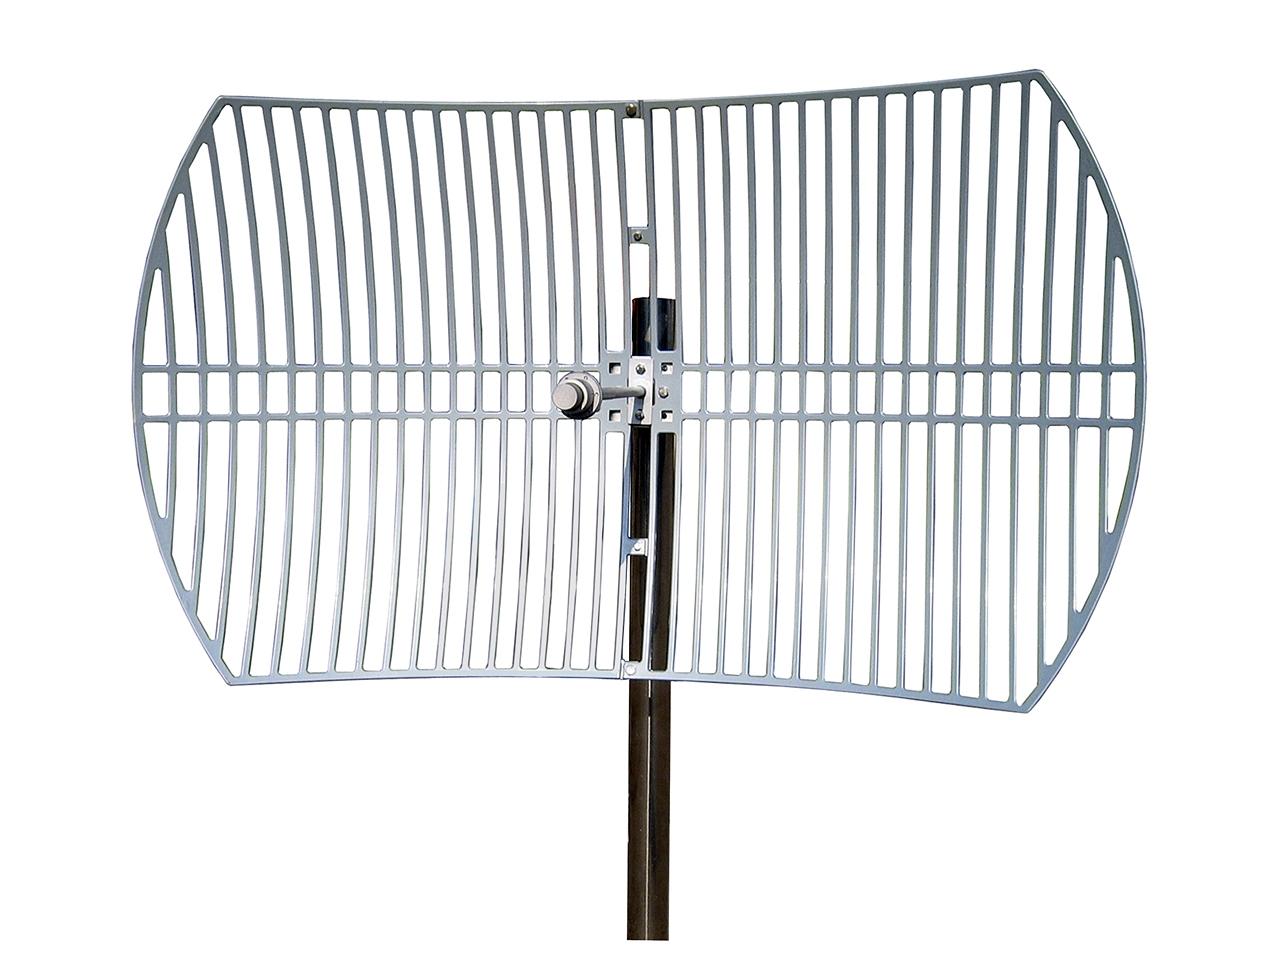 Antenne parabolique d'extérieur 30 dBi pour réseaux 5GHz